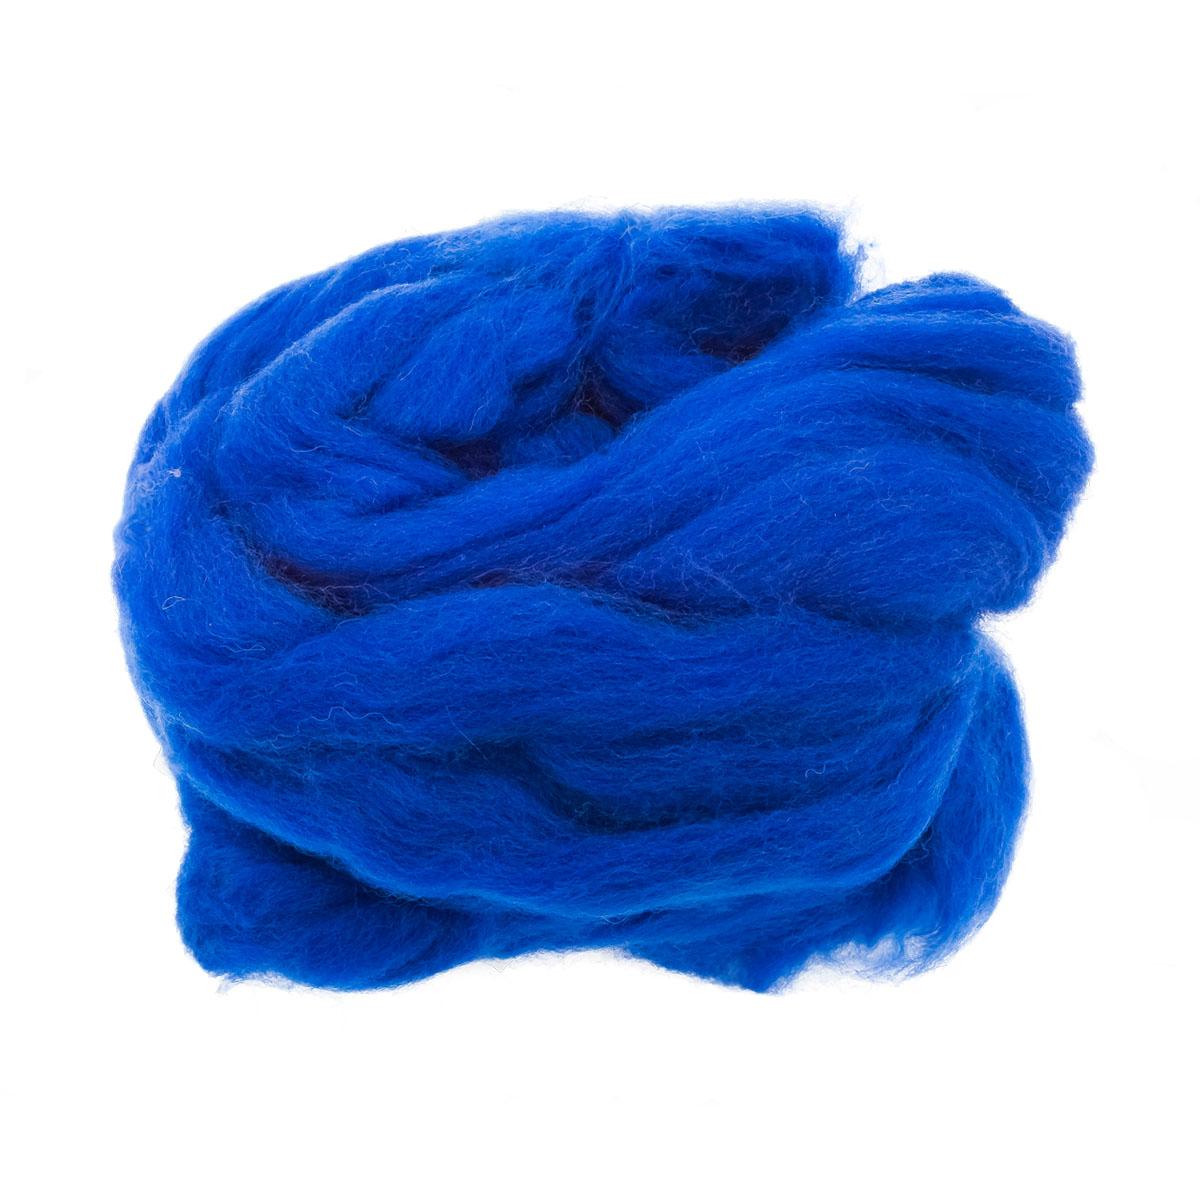 84314 2 ORCHIDEA Шерсть для валяния, цвет